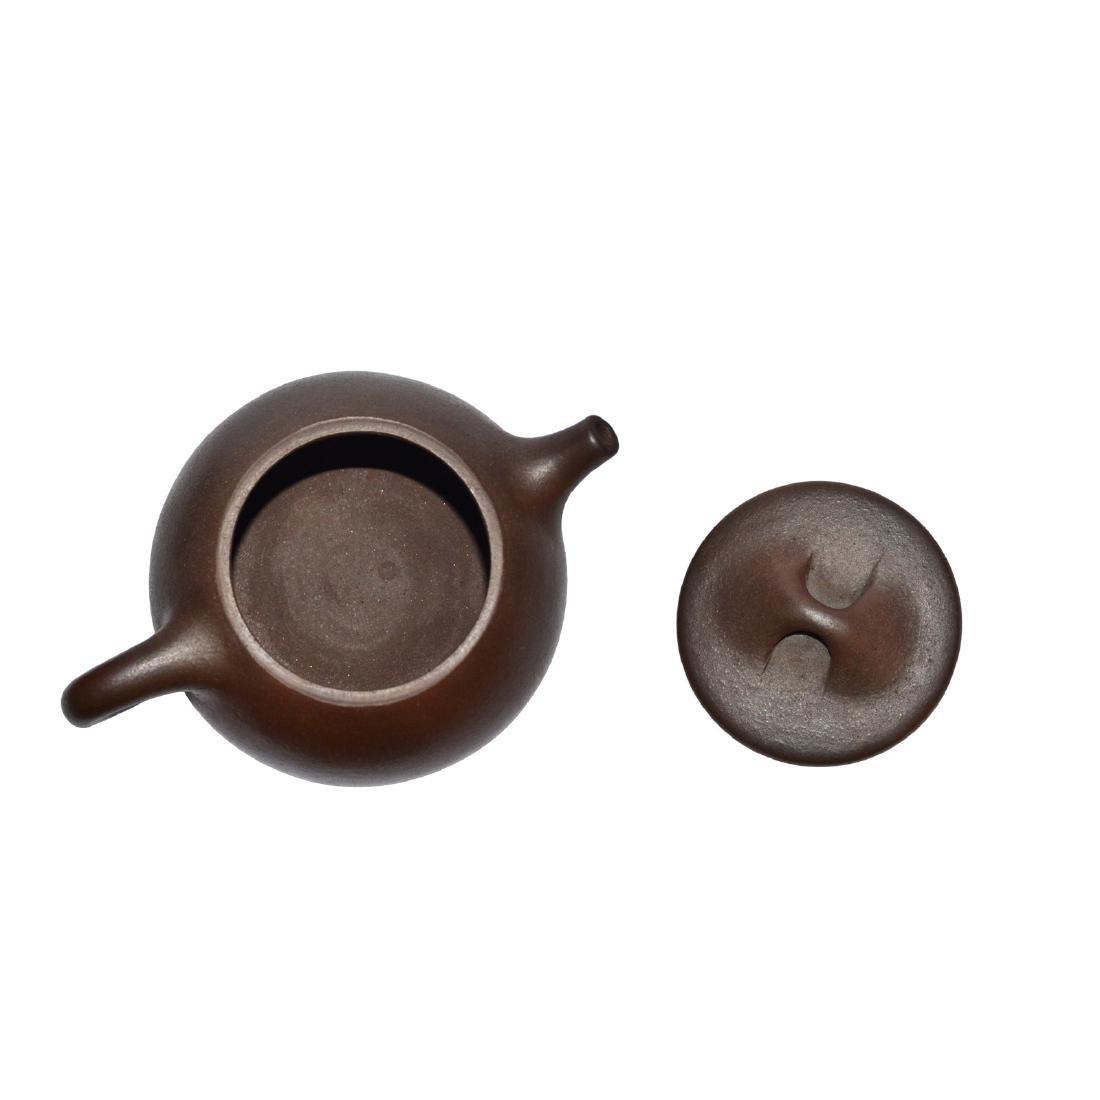 Gu Jingzhou, Stone-spoon Yixing Zisha Teapot - 4